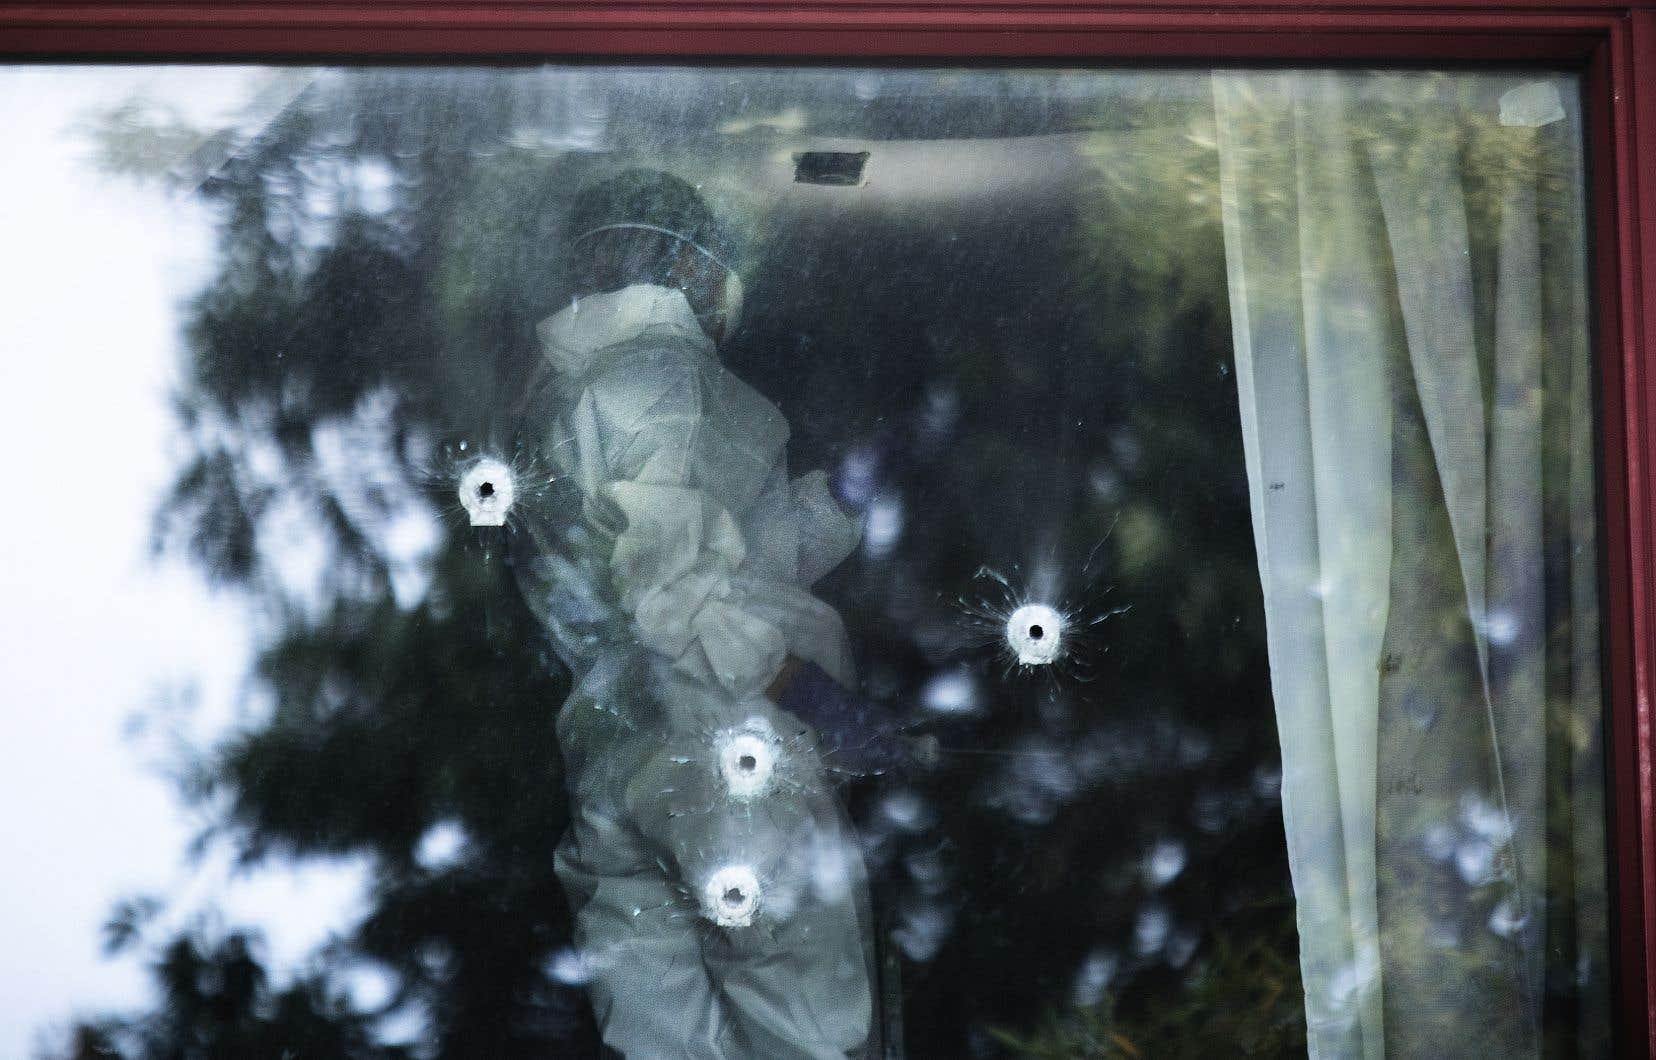 Une policière de l'unité de l'identification récolte des preuves à l'intérieur d'un appartement de la rue Candiac à Saint-Léonard qui a été la cible d'une fusillade, le 27 août 2021.